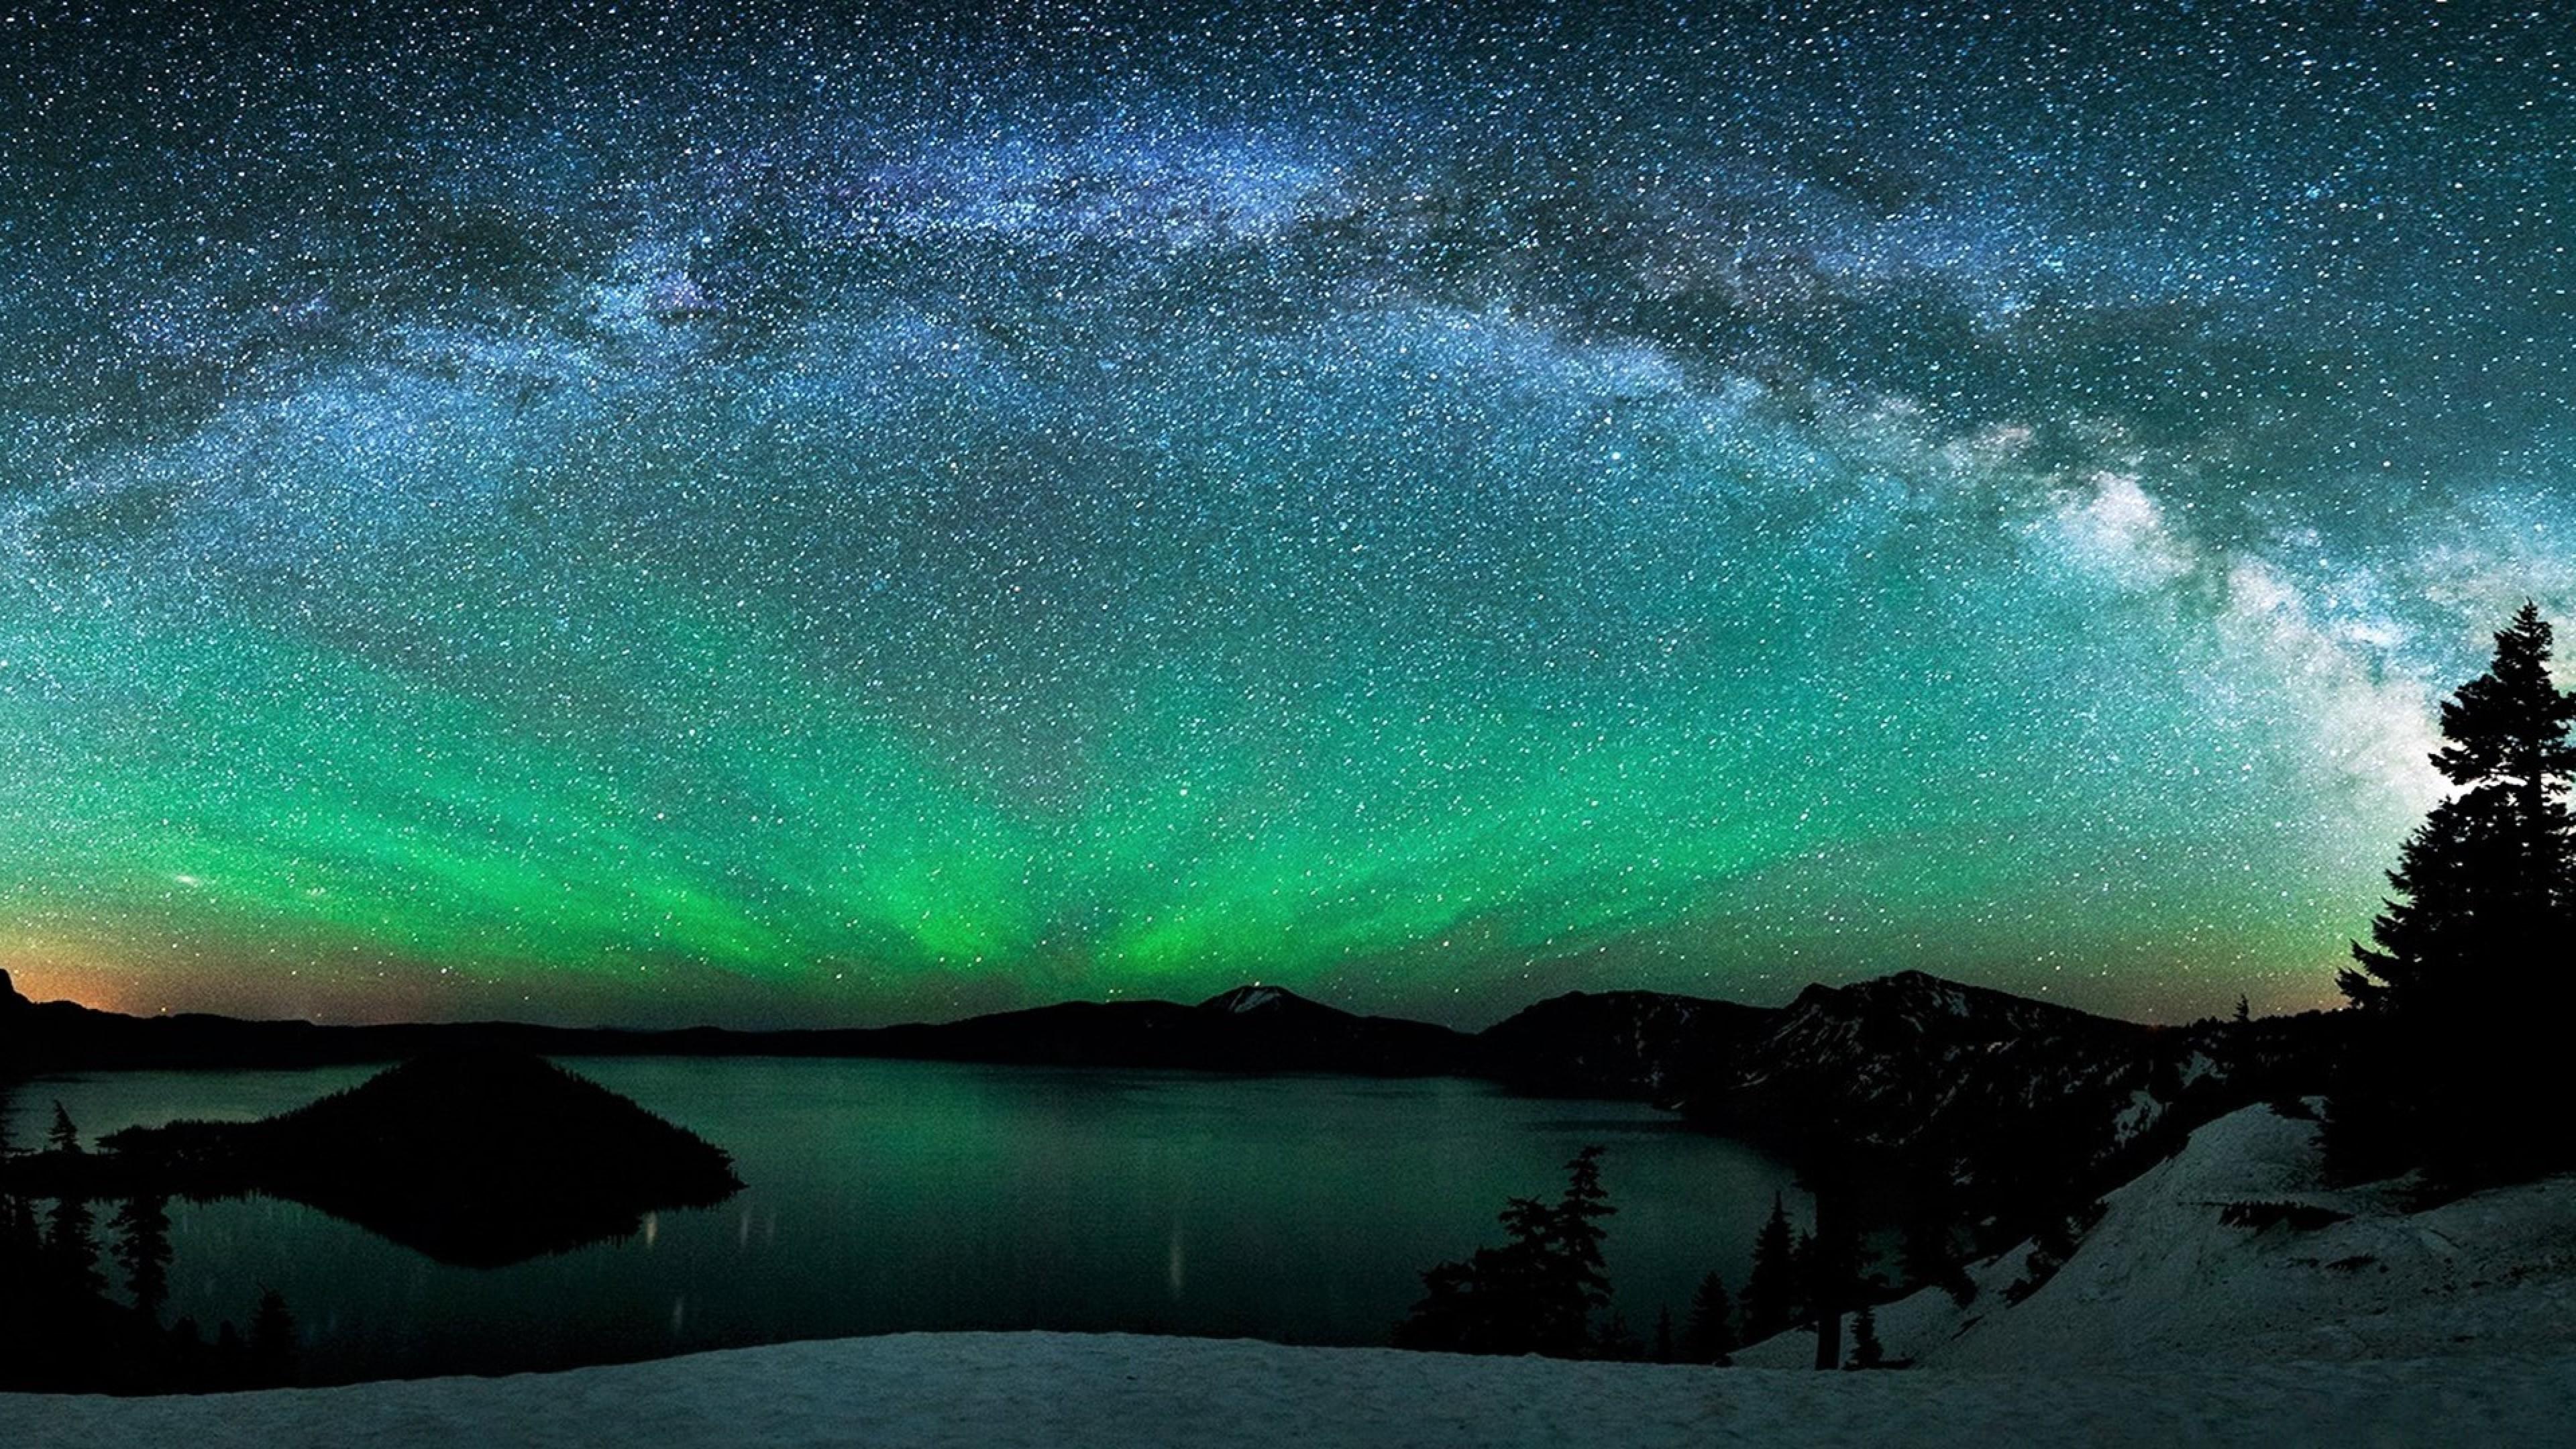 Northern Lights Wallpaper 4k 76 Images